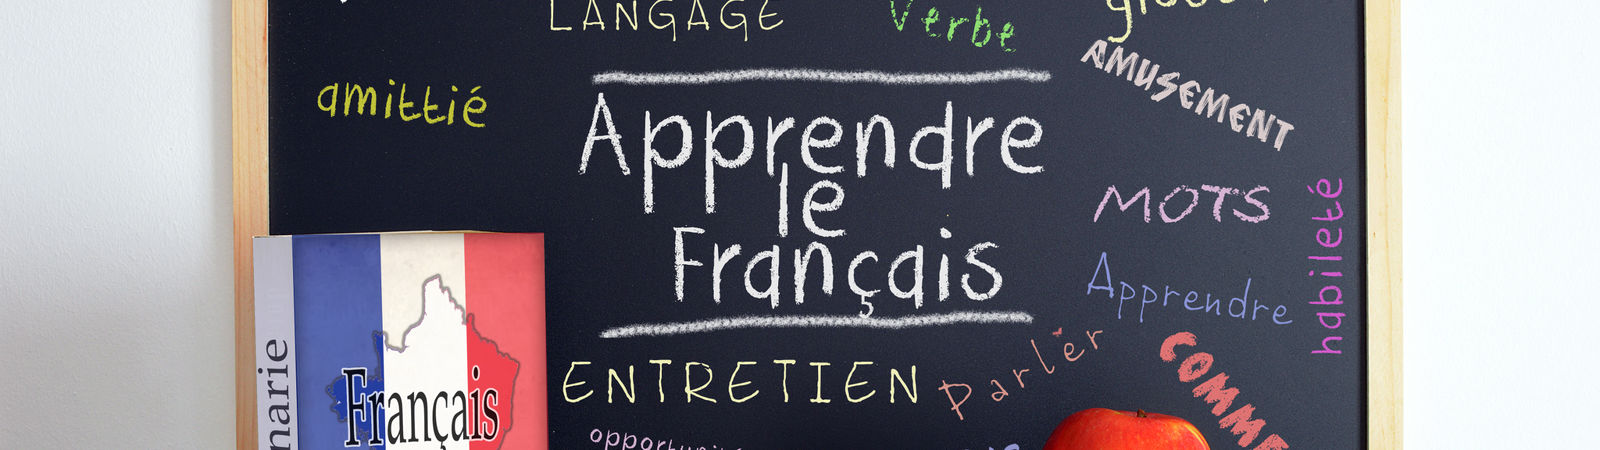 Die Sprachschule Für Die Französische Sprache Pauker Streber